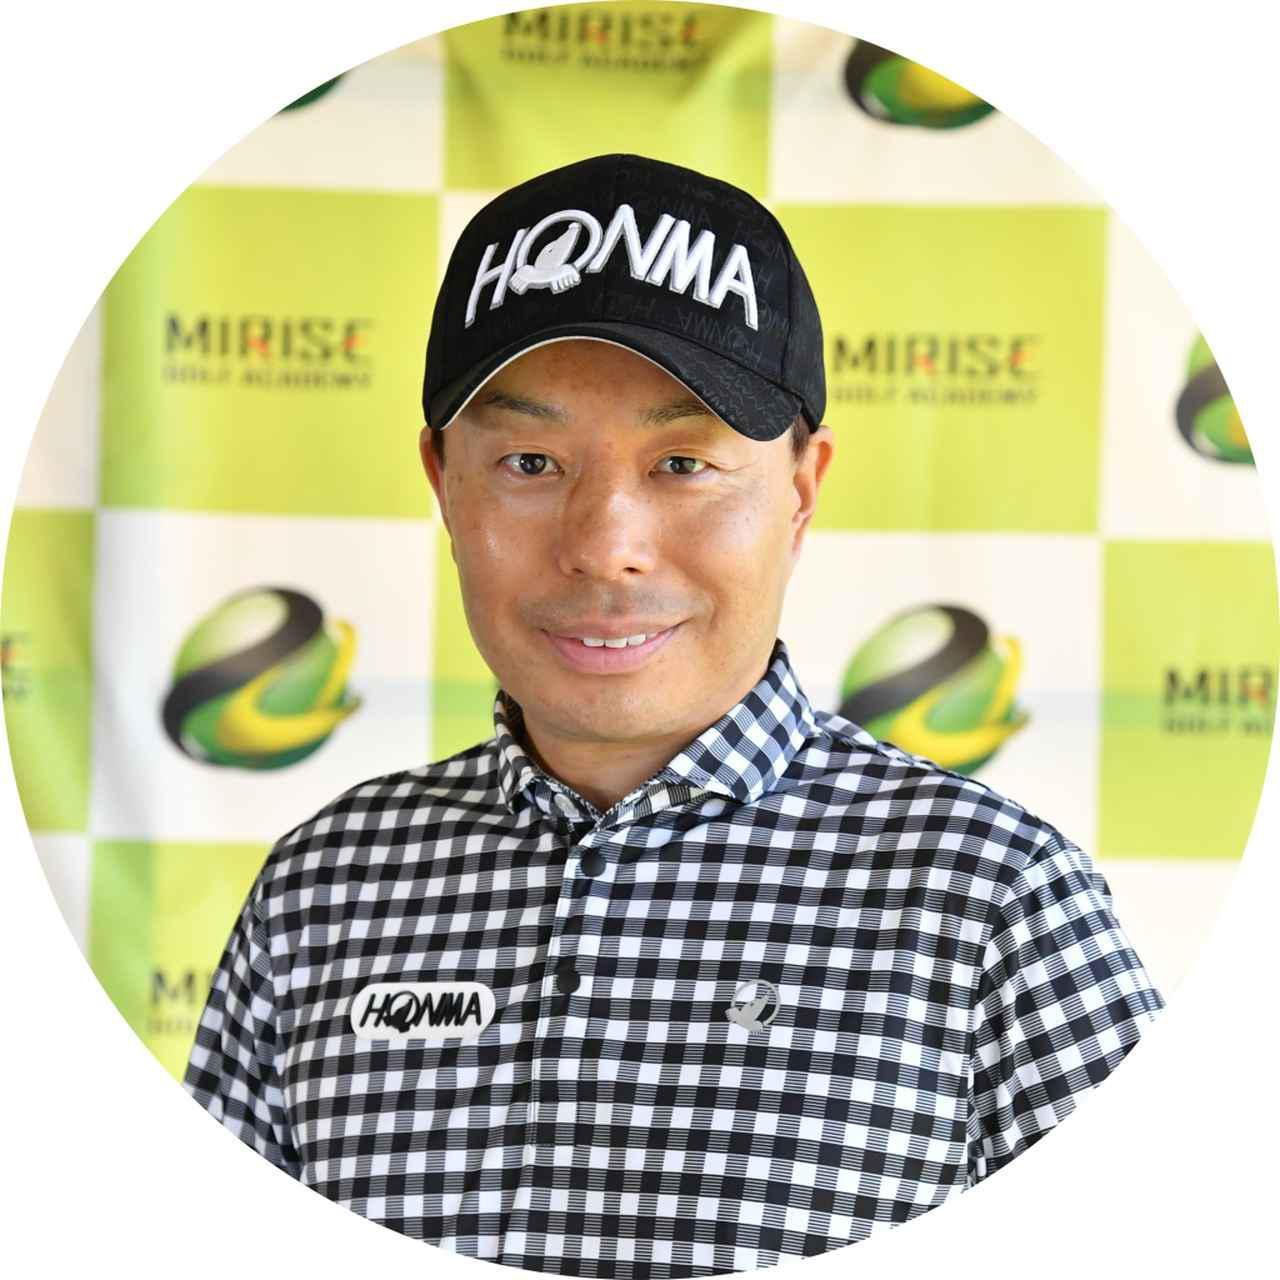 画像: 【教える人】西村至央プロ 977年 生まれ。伊澤利光に師事しス ウィング理論を学ぶ。現在は、鎌倉天園ゴルフ練習場で 「ミライズアカデミー」を主宰し、数多くのアマチュアを教える